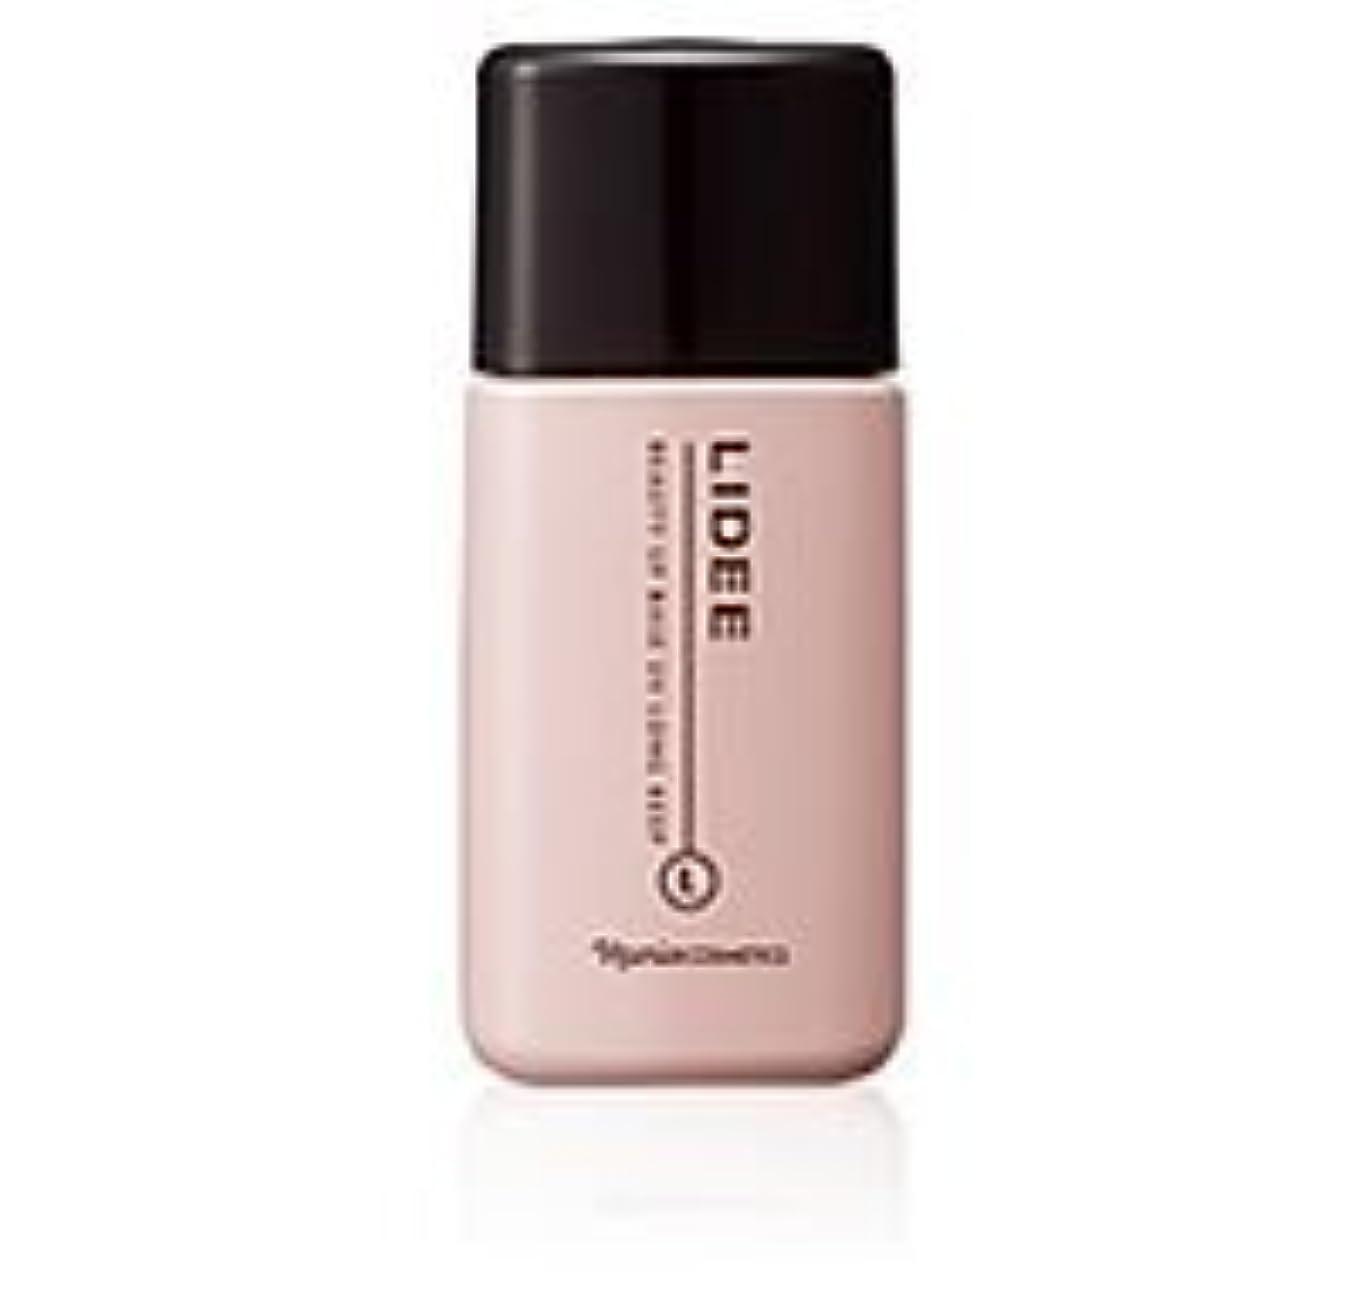 その結果エレガントフロンティアナリス リディ メーキャップ ベース UV ロングキープ (化粧下地) 27ml (ベージュ)